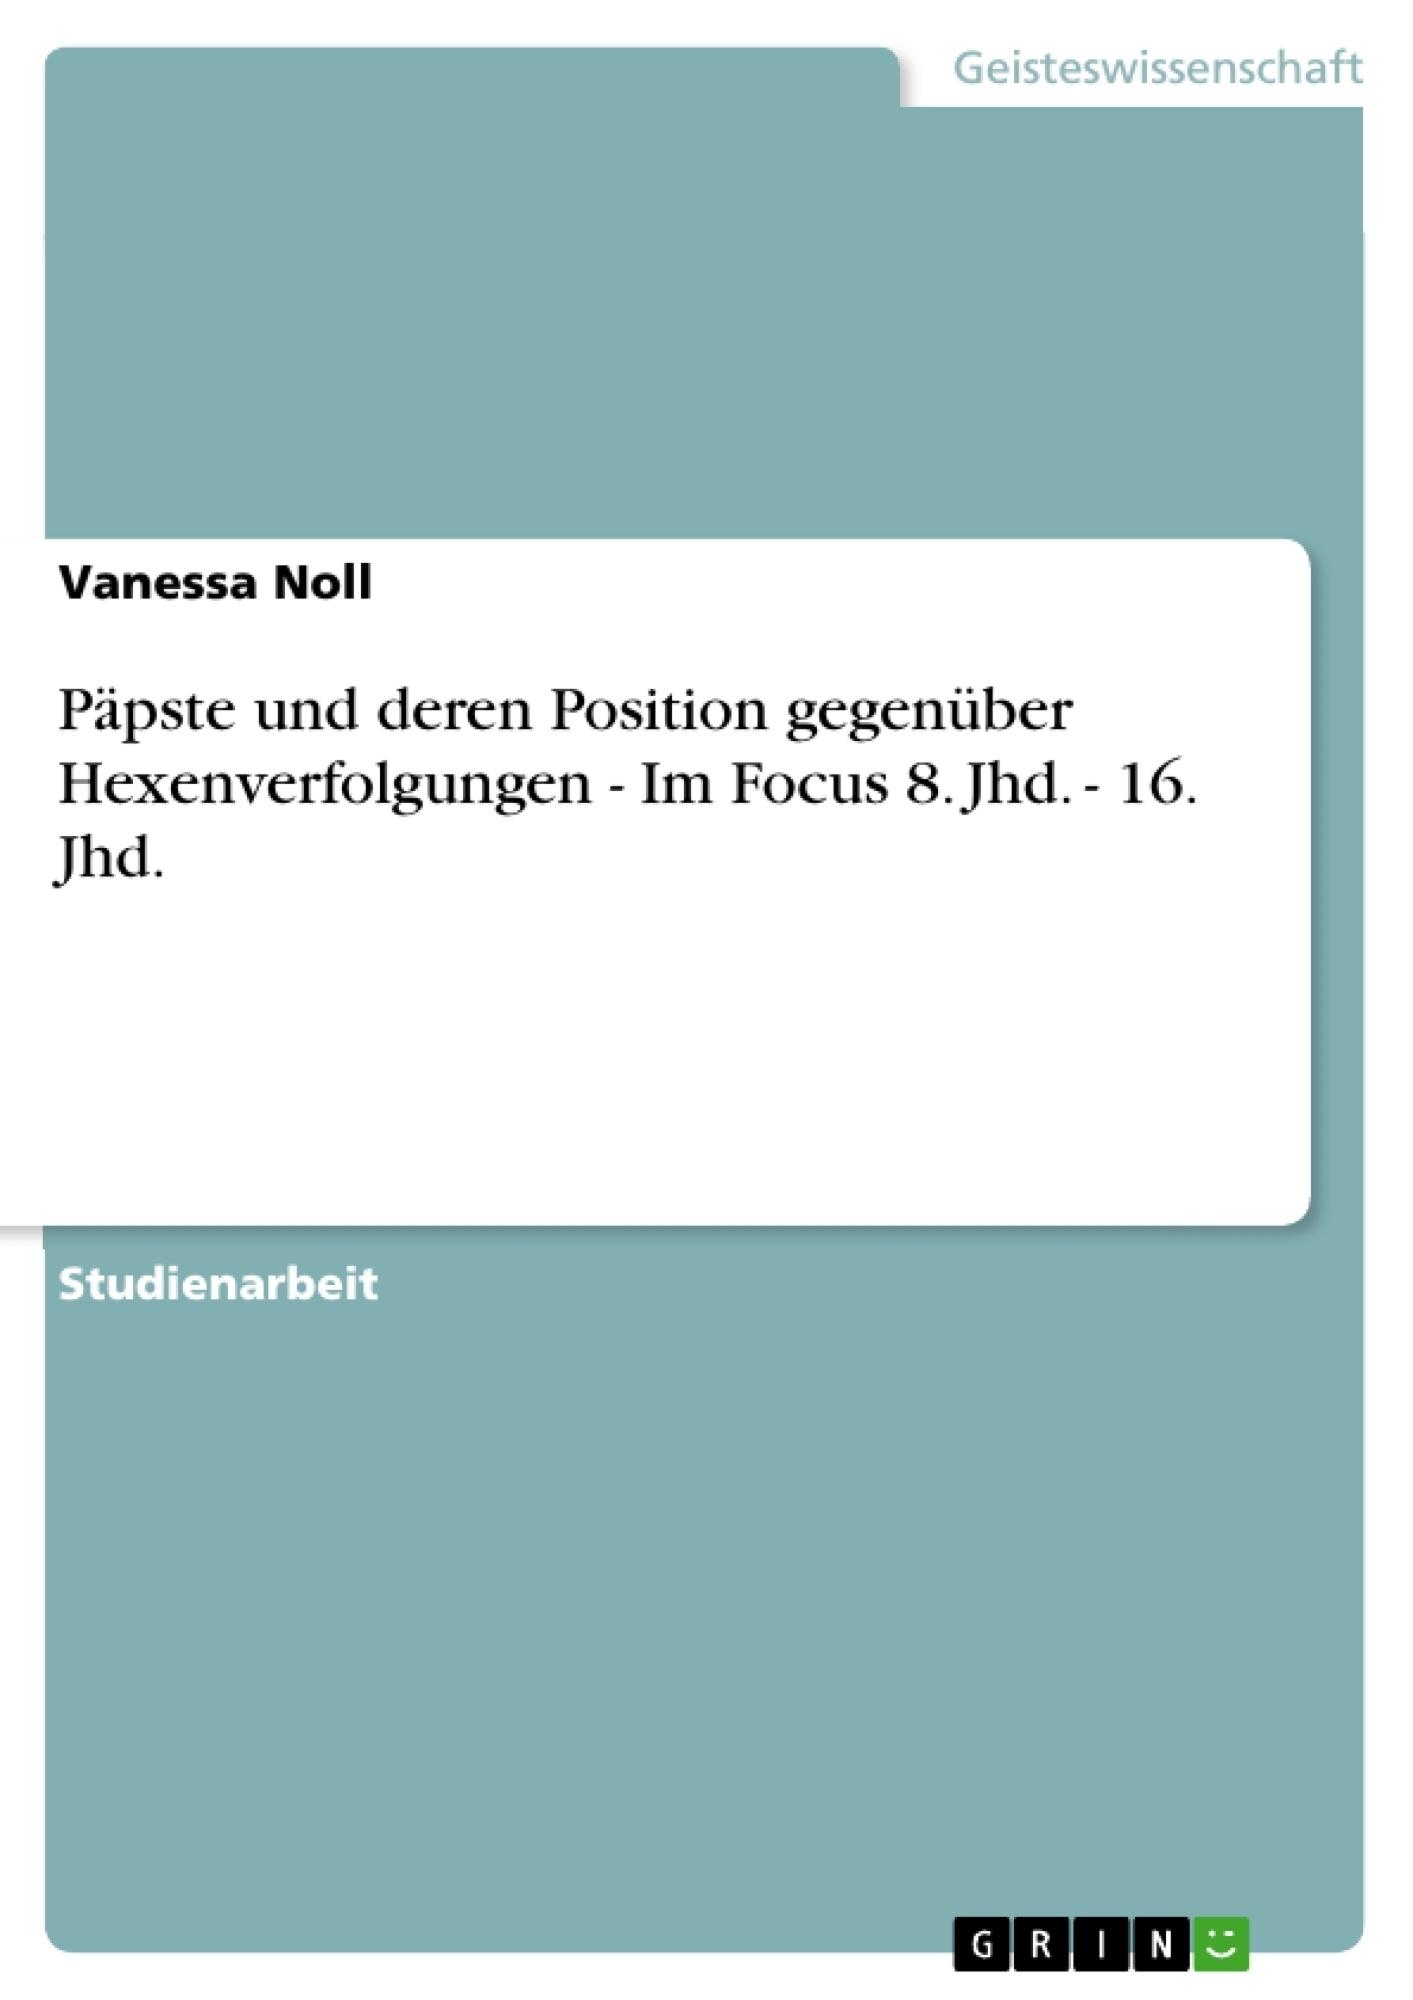 Titel: Päpste und deren Position gegenüber Hexenverfolgungen - Im Focus 8. Jhd. - 16. Jhd.